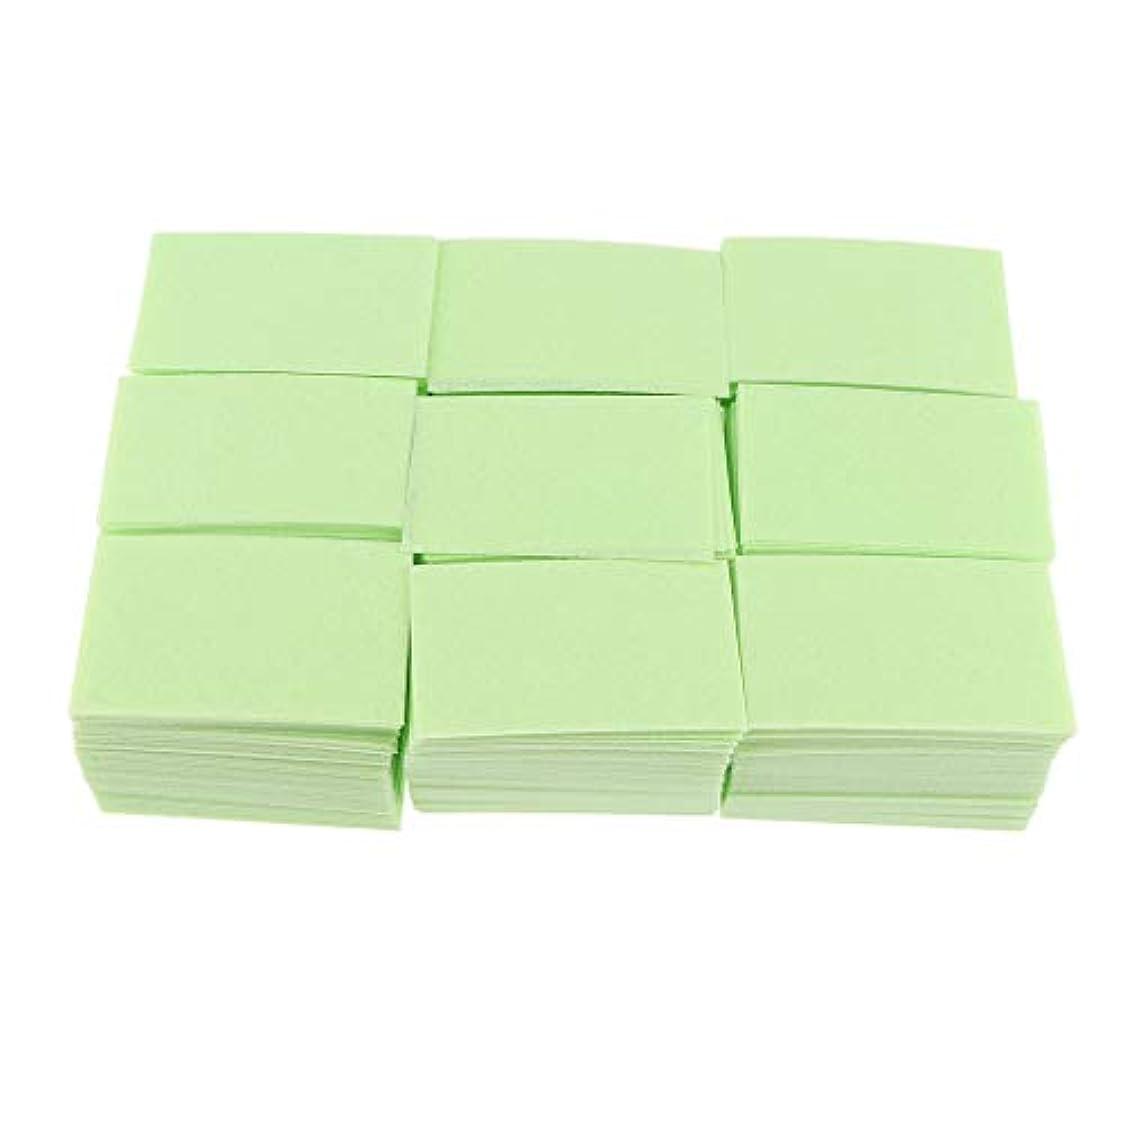 分解する広大な汚物約700枚 ネイルポリッシュリムーバー 綿パッド 2色選べ - 緑